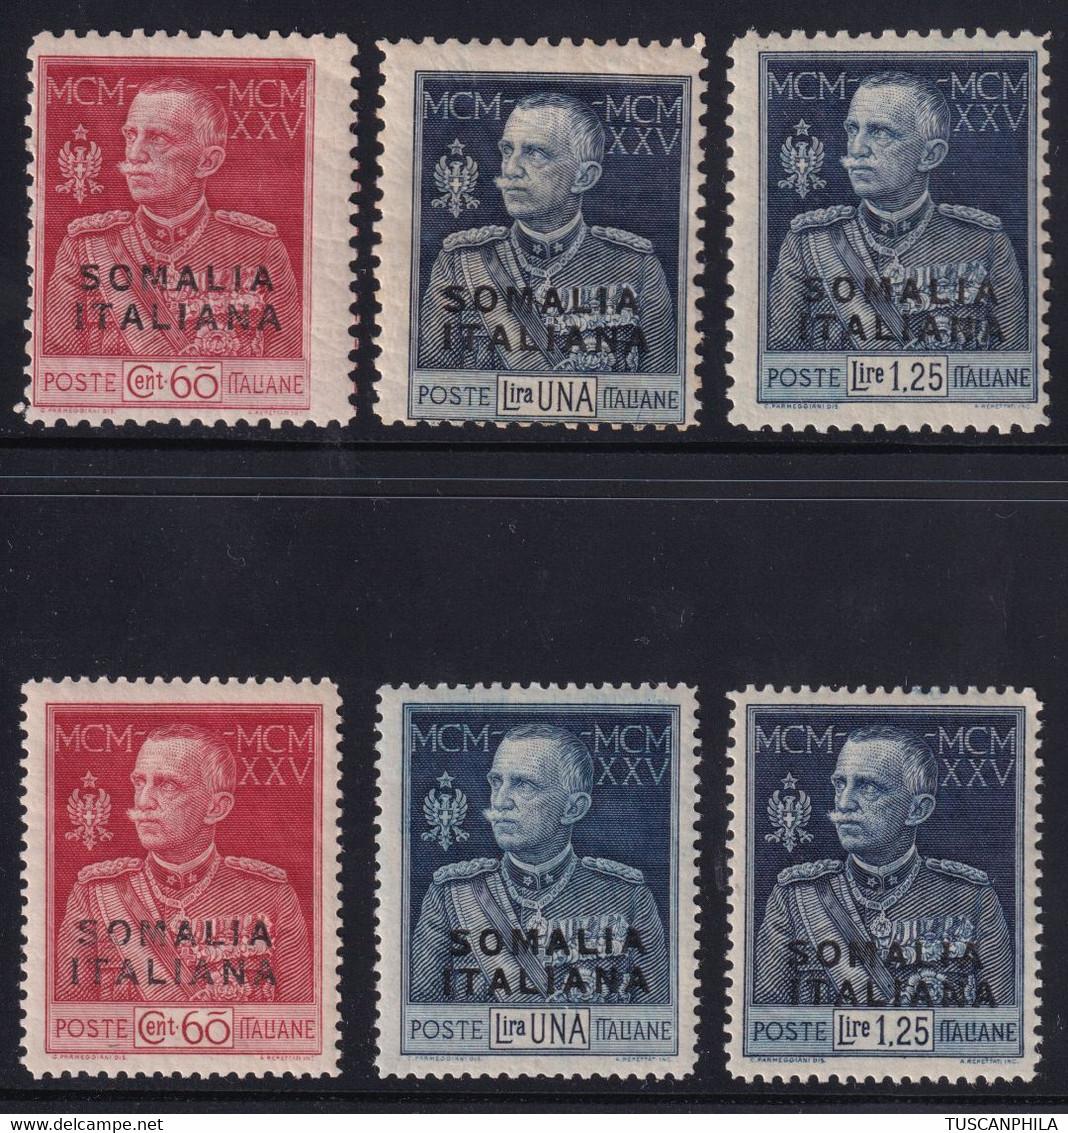 Somalia Giubileo Del Re 1925 Serie Complete Sass. 67/72 MNH** Firmati Cv 4850 - Somalia